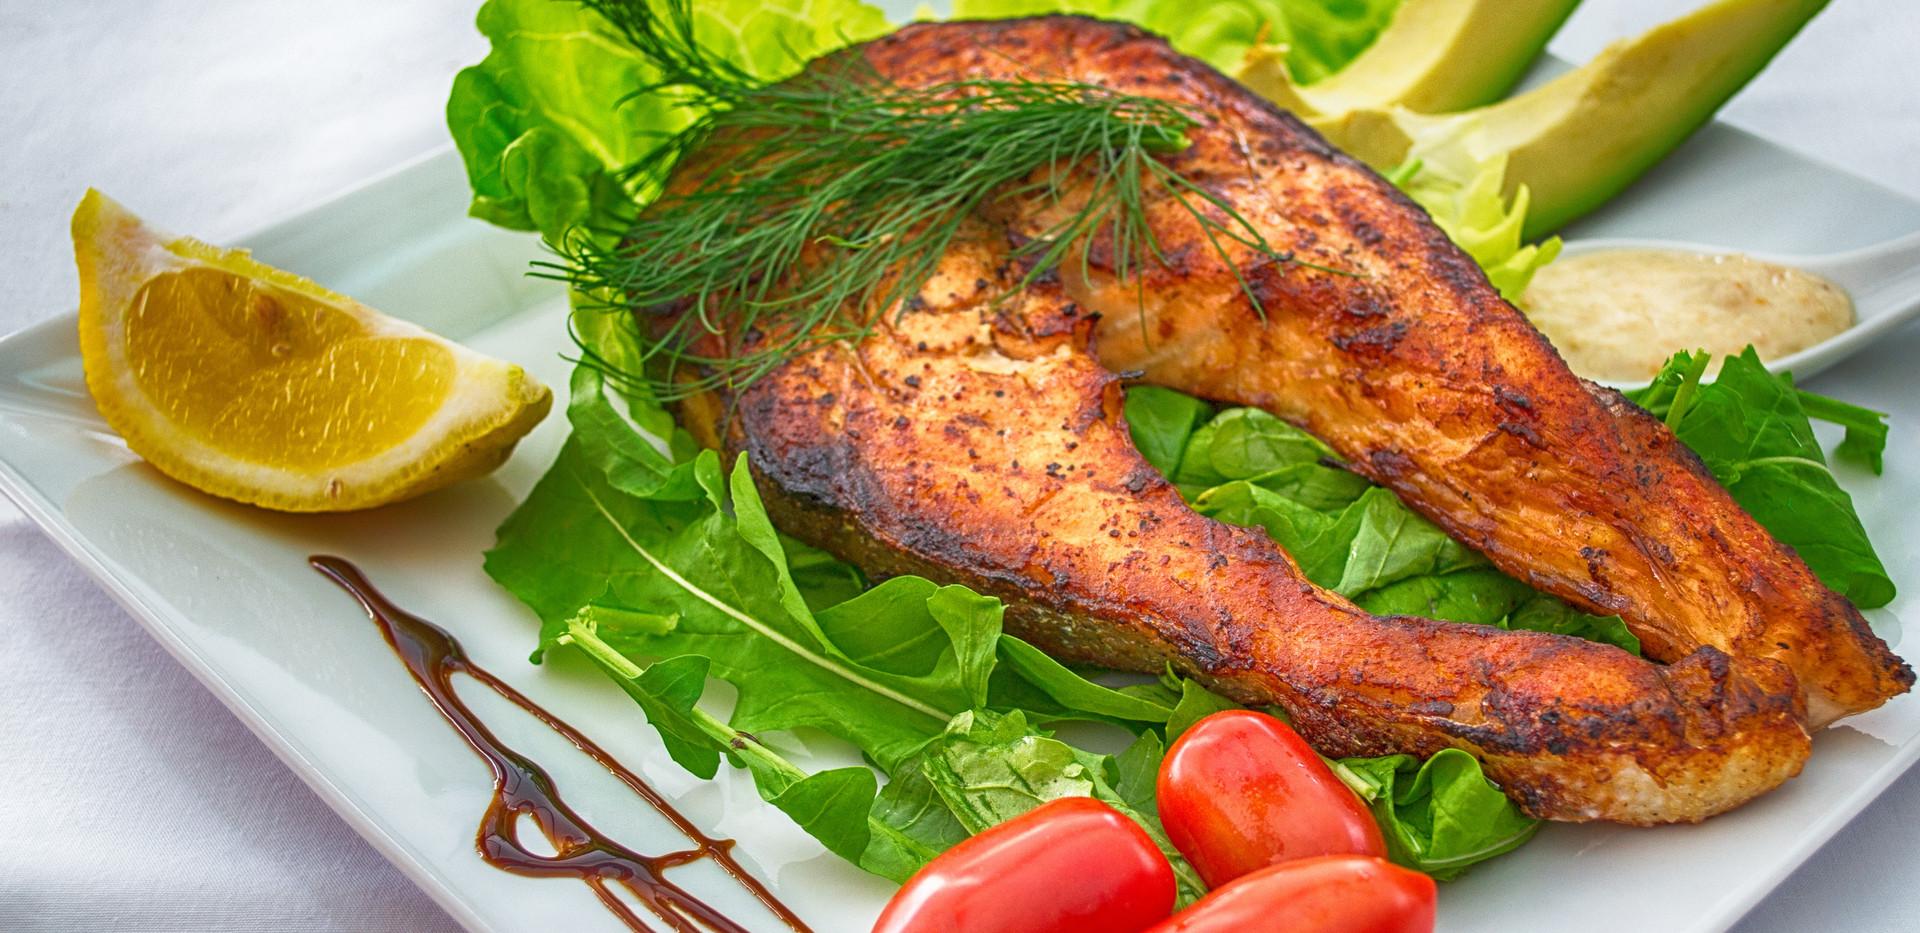 avocado-barbecue-close-up-725991.jpg